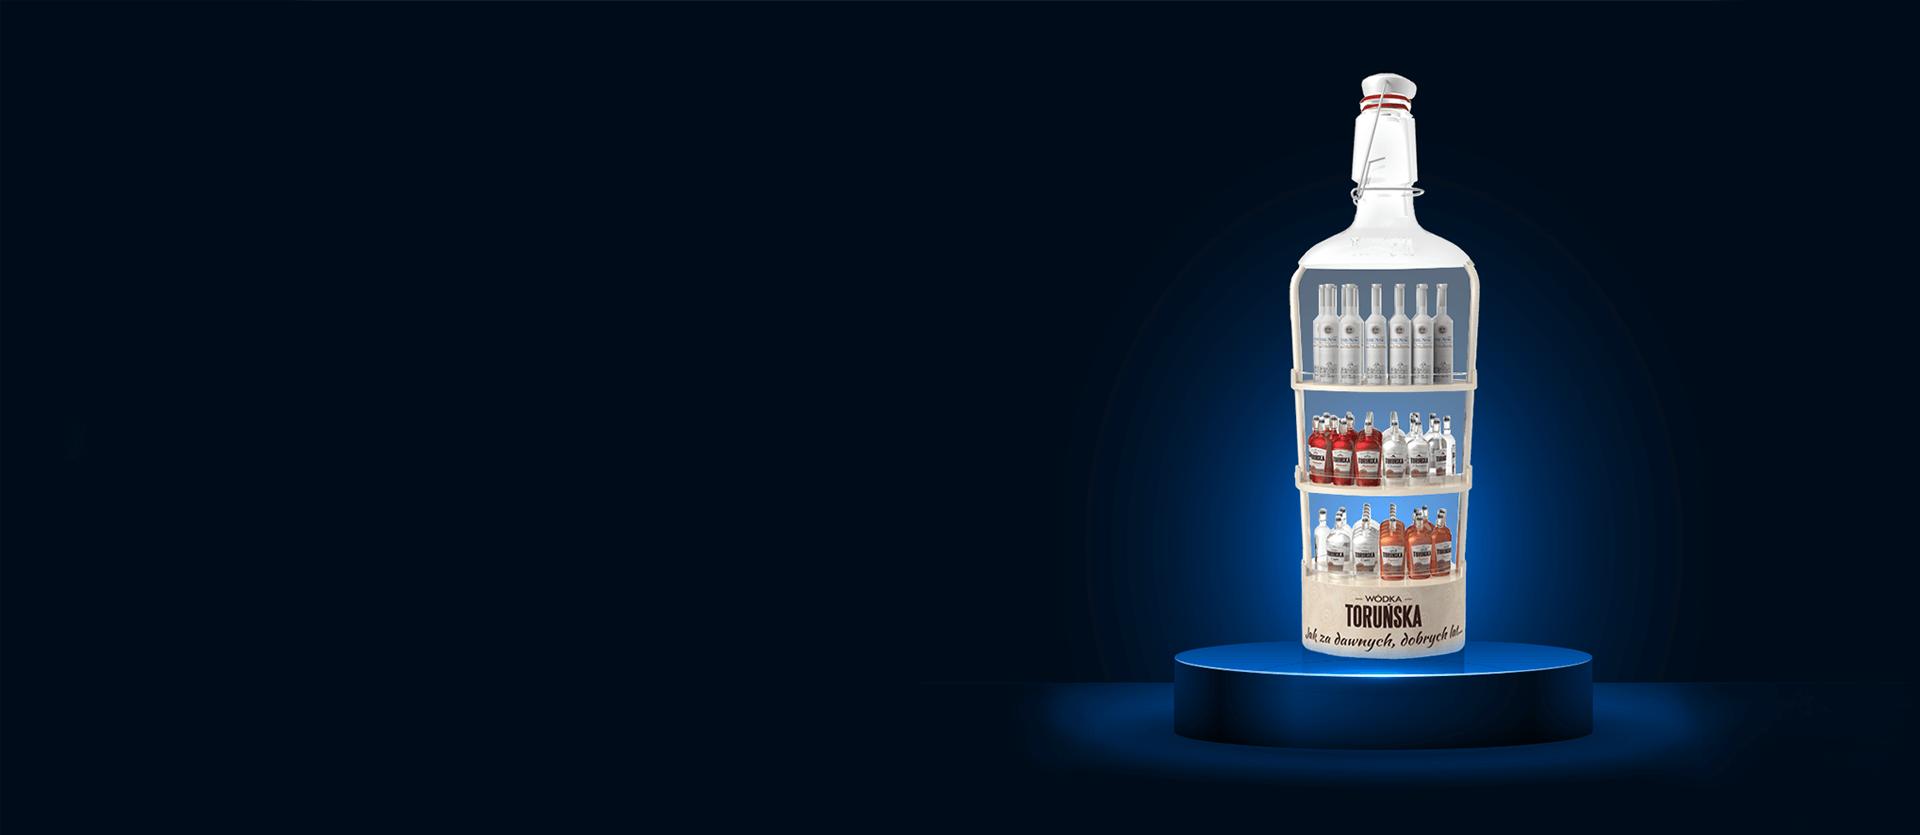 stojaki reklamowe